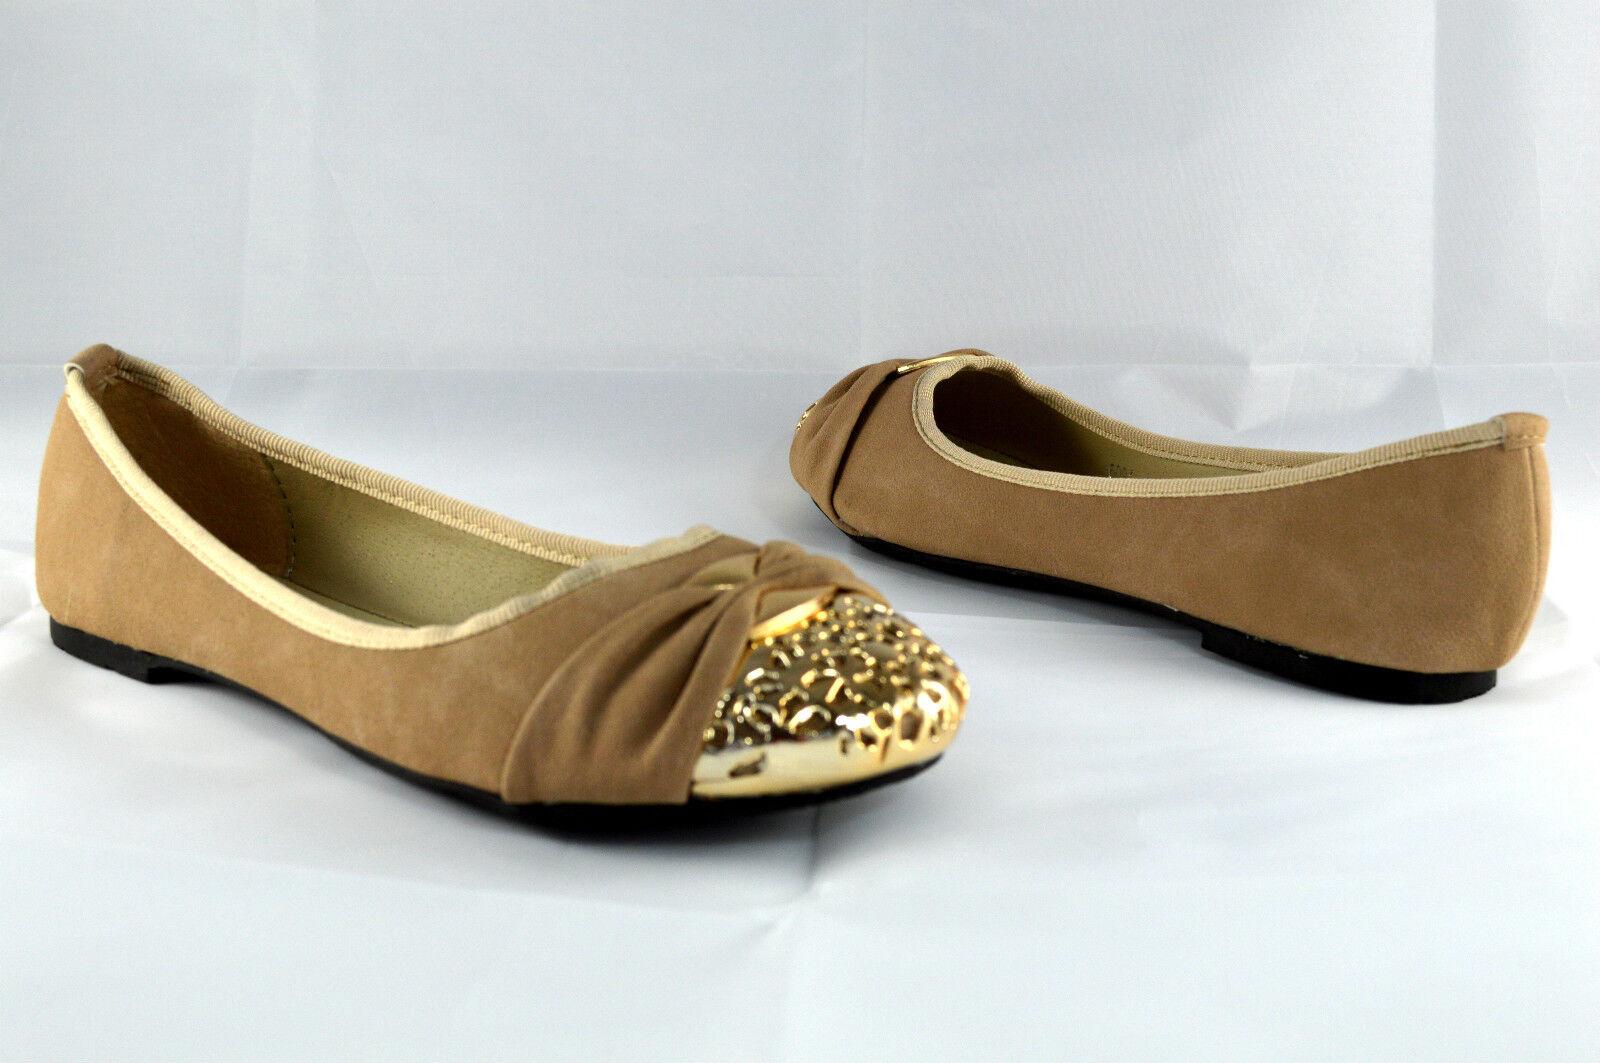 Damen Ballerinas Halb zapatos  Oroe Spitze Lederoptik 41 Khaki Neu Gr.36 - 41 Lederoptik A6091 7f8251